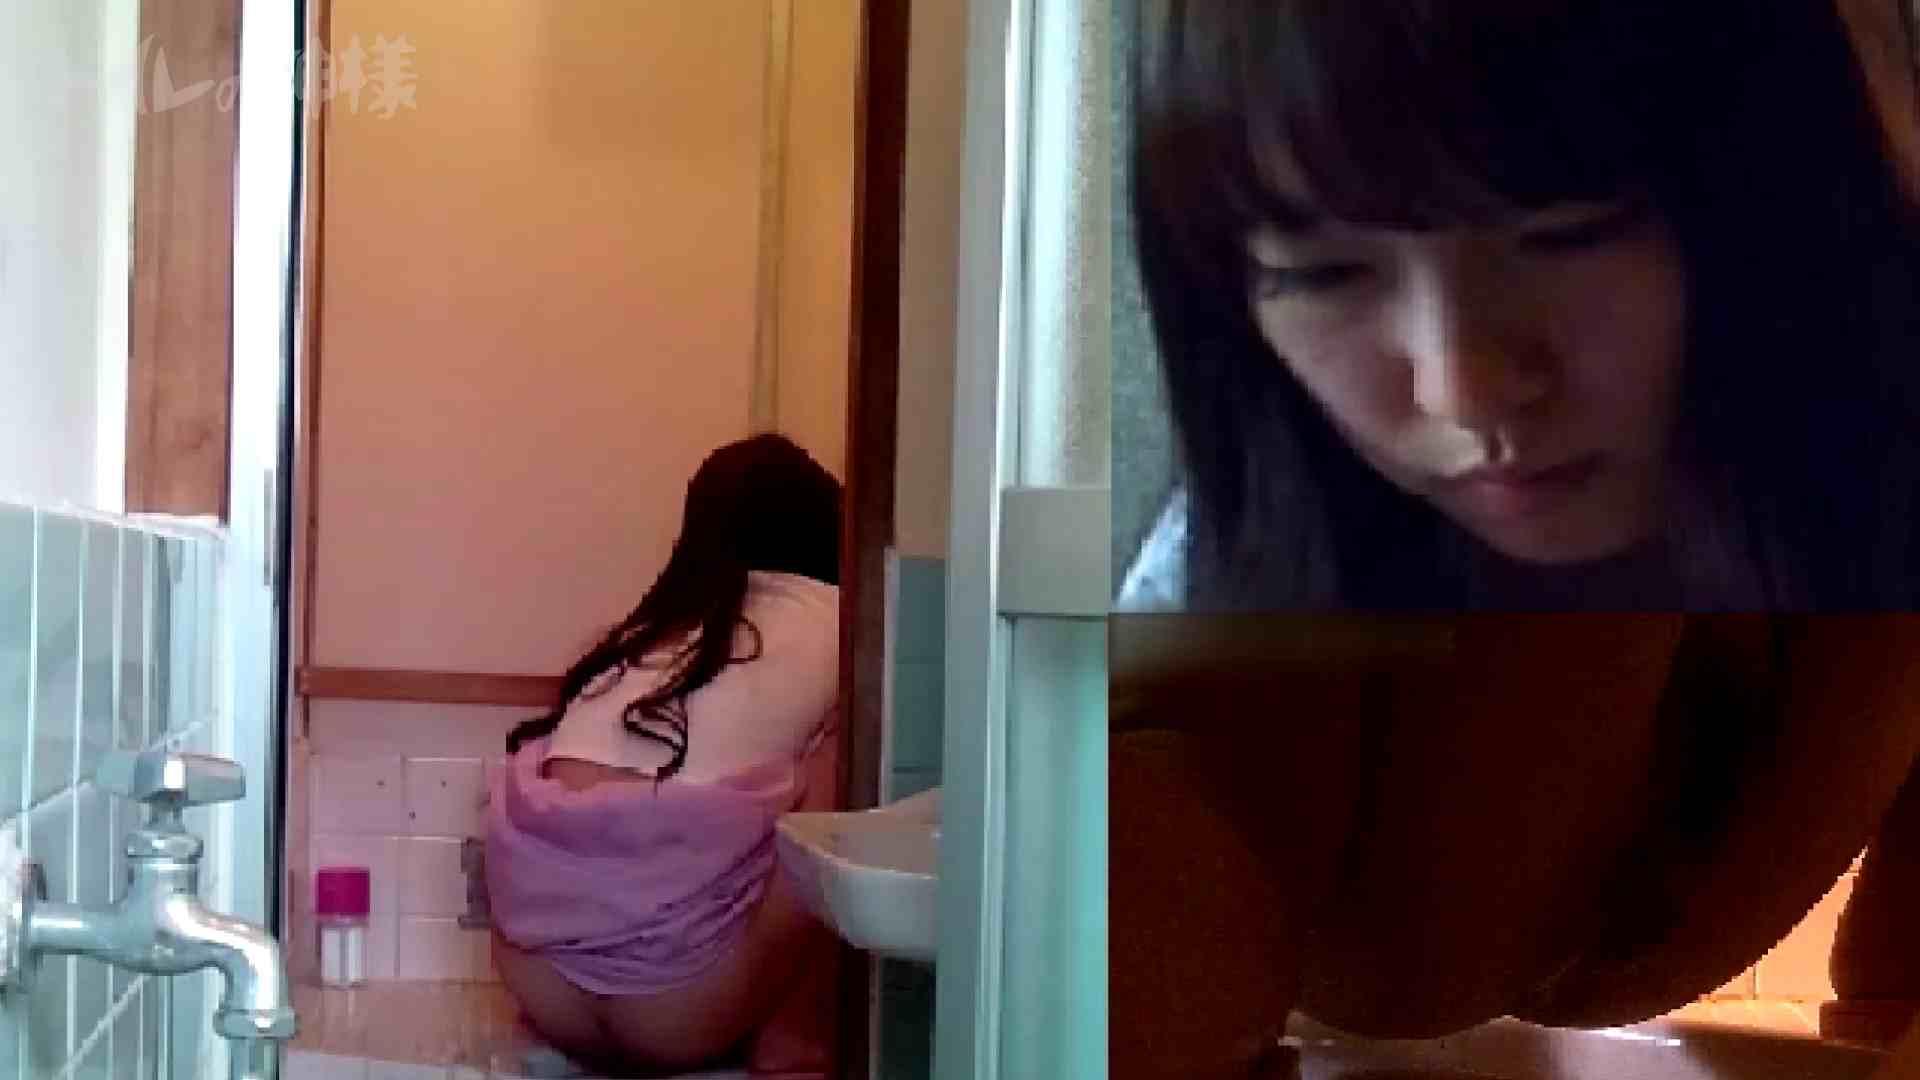 トイレの神様 Vol.09 美女のGEBOきれいに撮っています 美女達のヌード | トイレ中  75連発 56